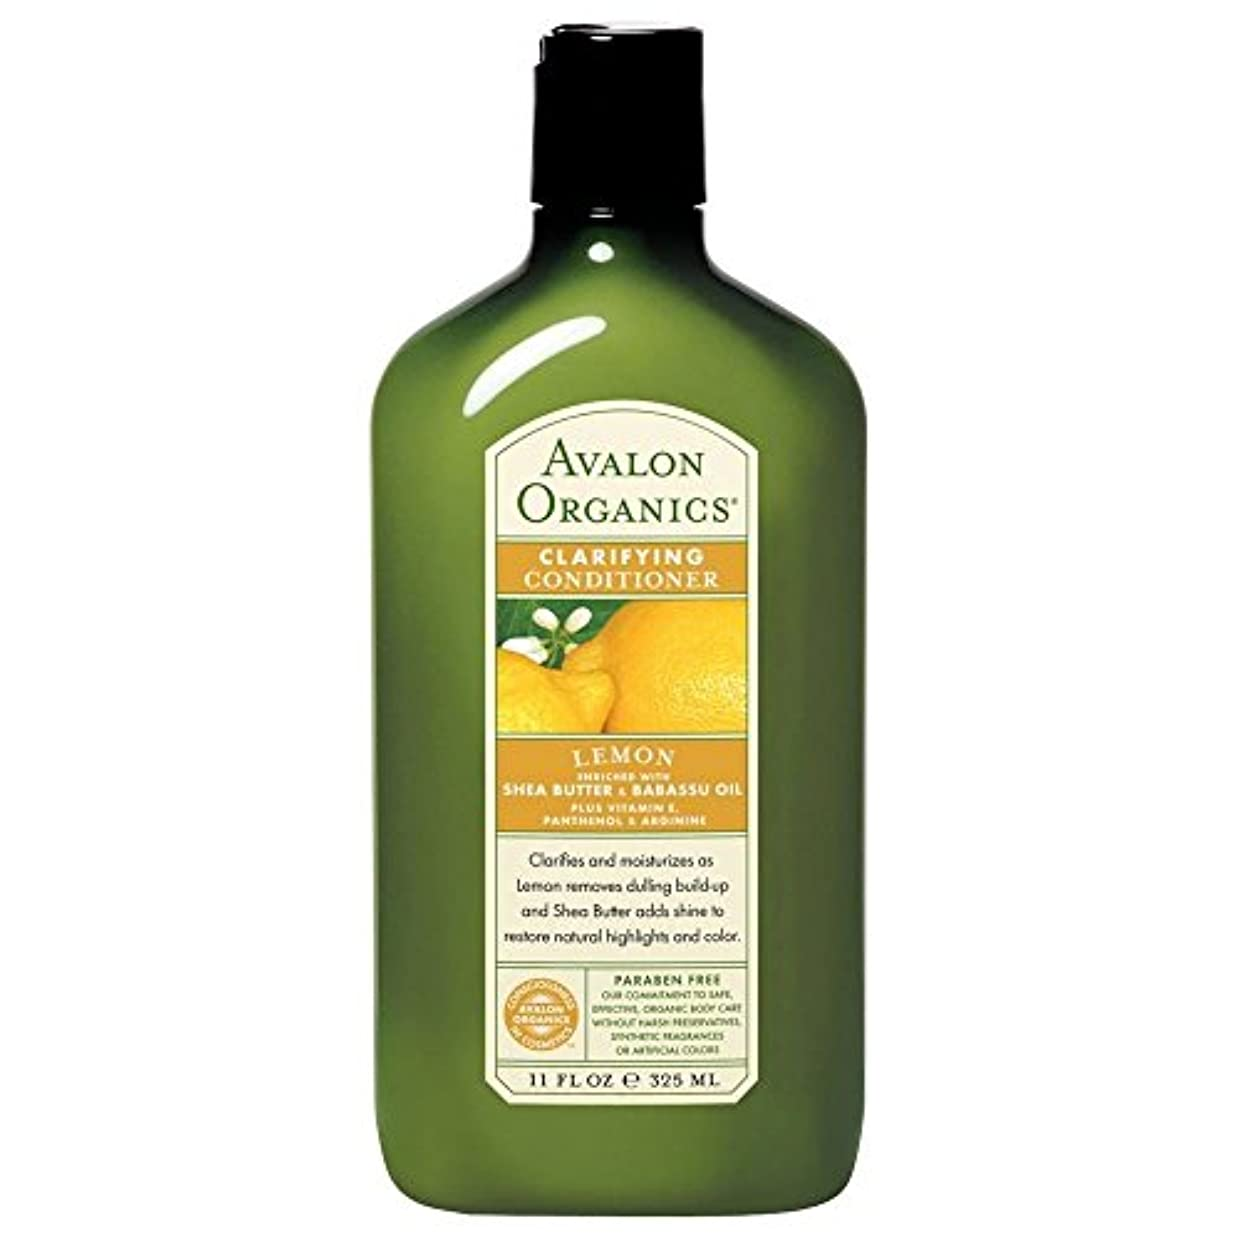 最終領域割合[Avalon ] コンディショナーを明確にアバロンの有機物 - レモン(325ミリリットル) - Avalon Organics Clarifying Conditioner - Lemon (325ml) [並行輸入品]